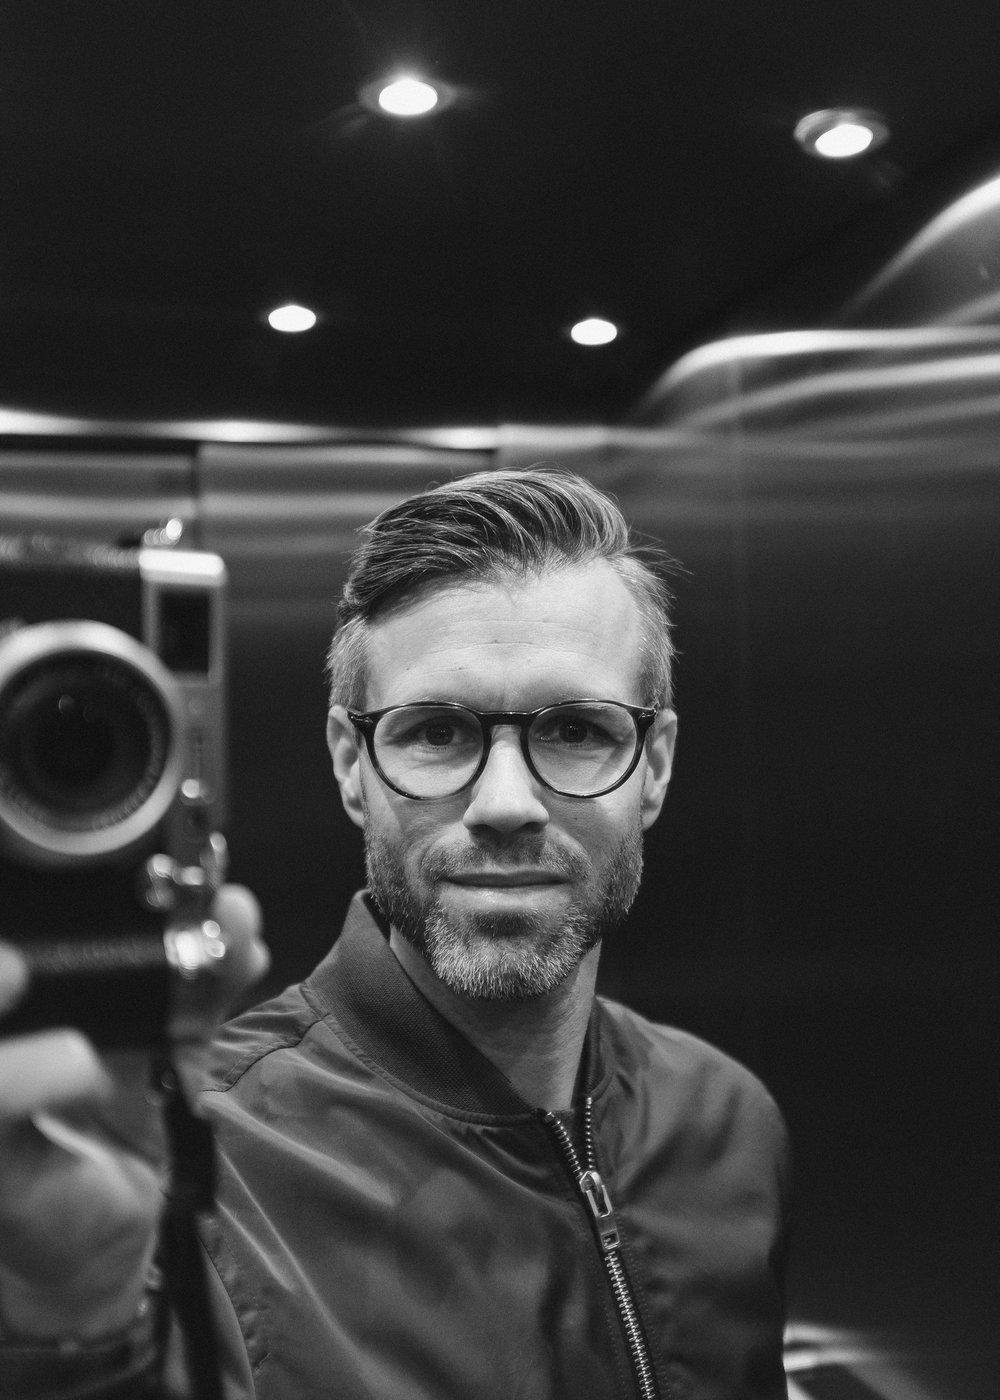 Kristofer Samuelsson summer 2017 bw (1 av 1)-2 2.jpg